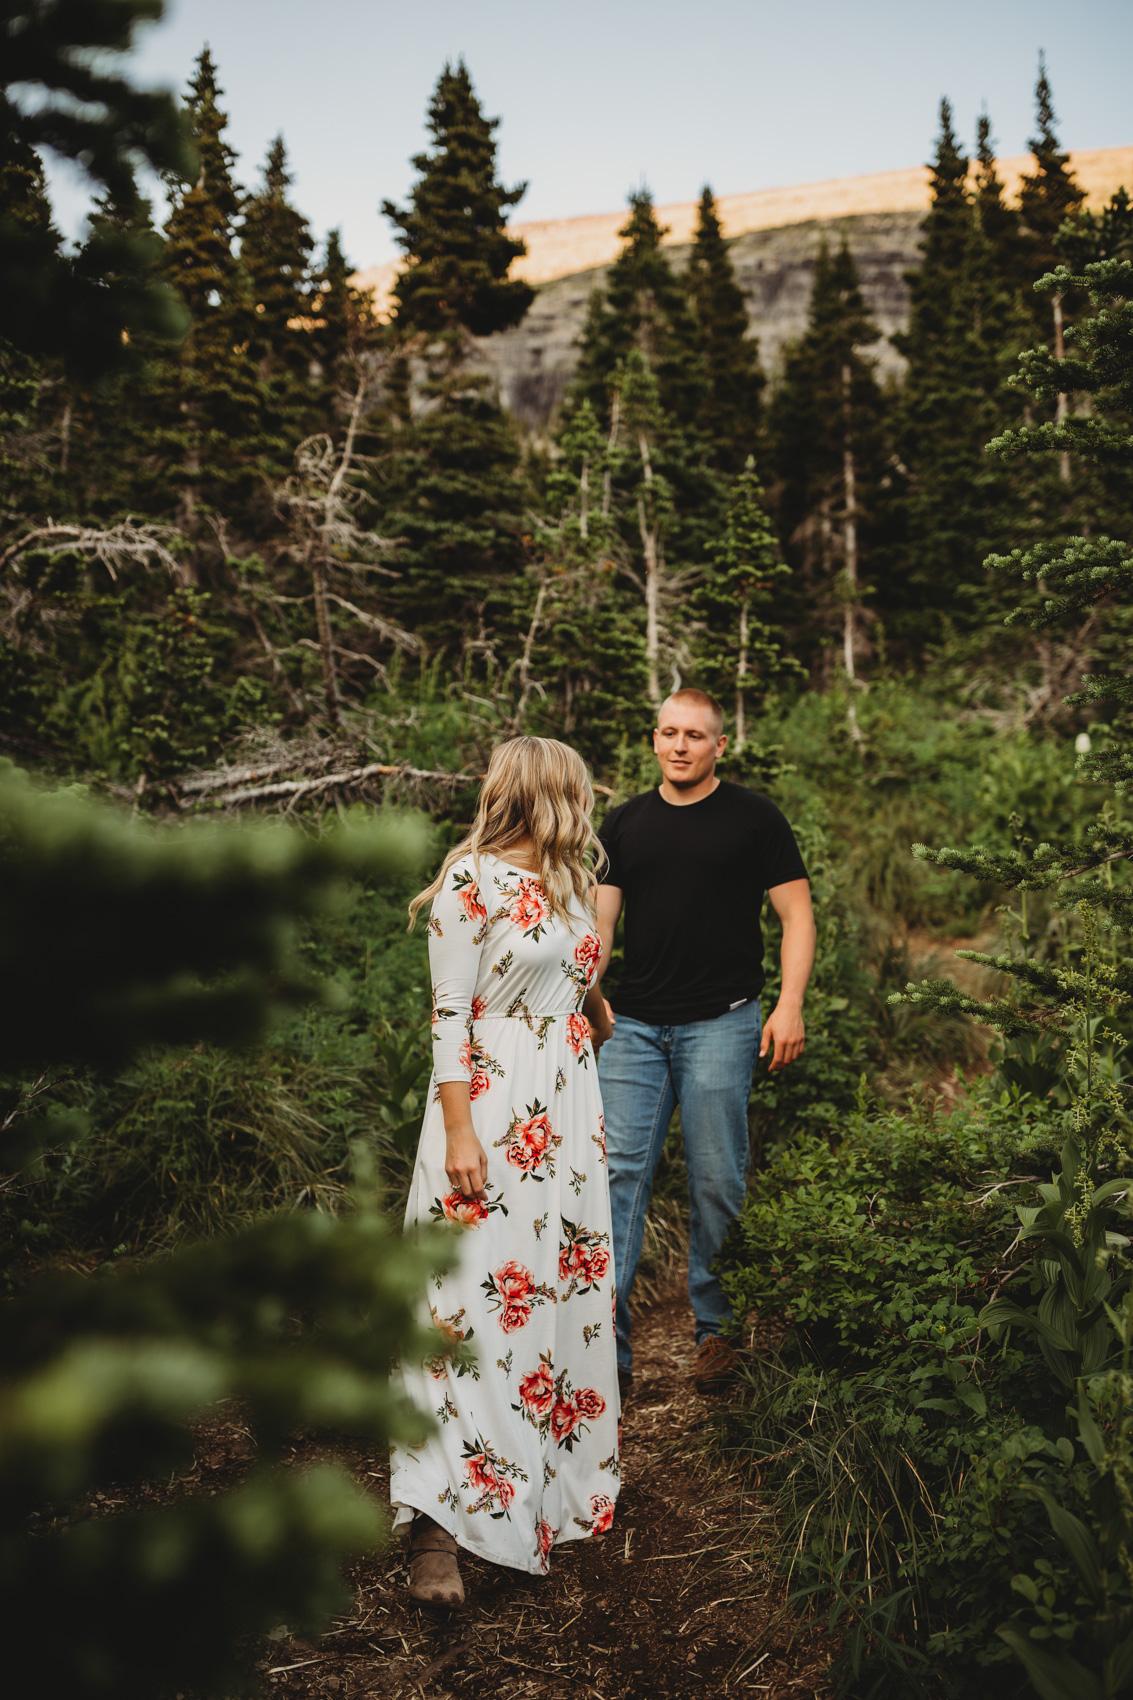 marah-doug-great-falls-montana-engagement-photographer-19.jpg